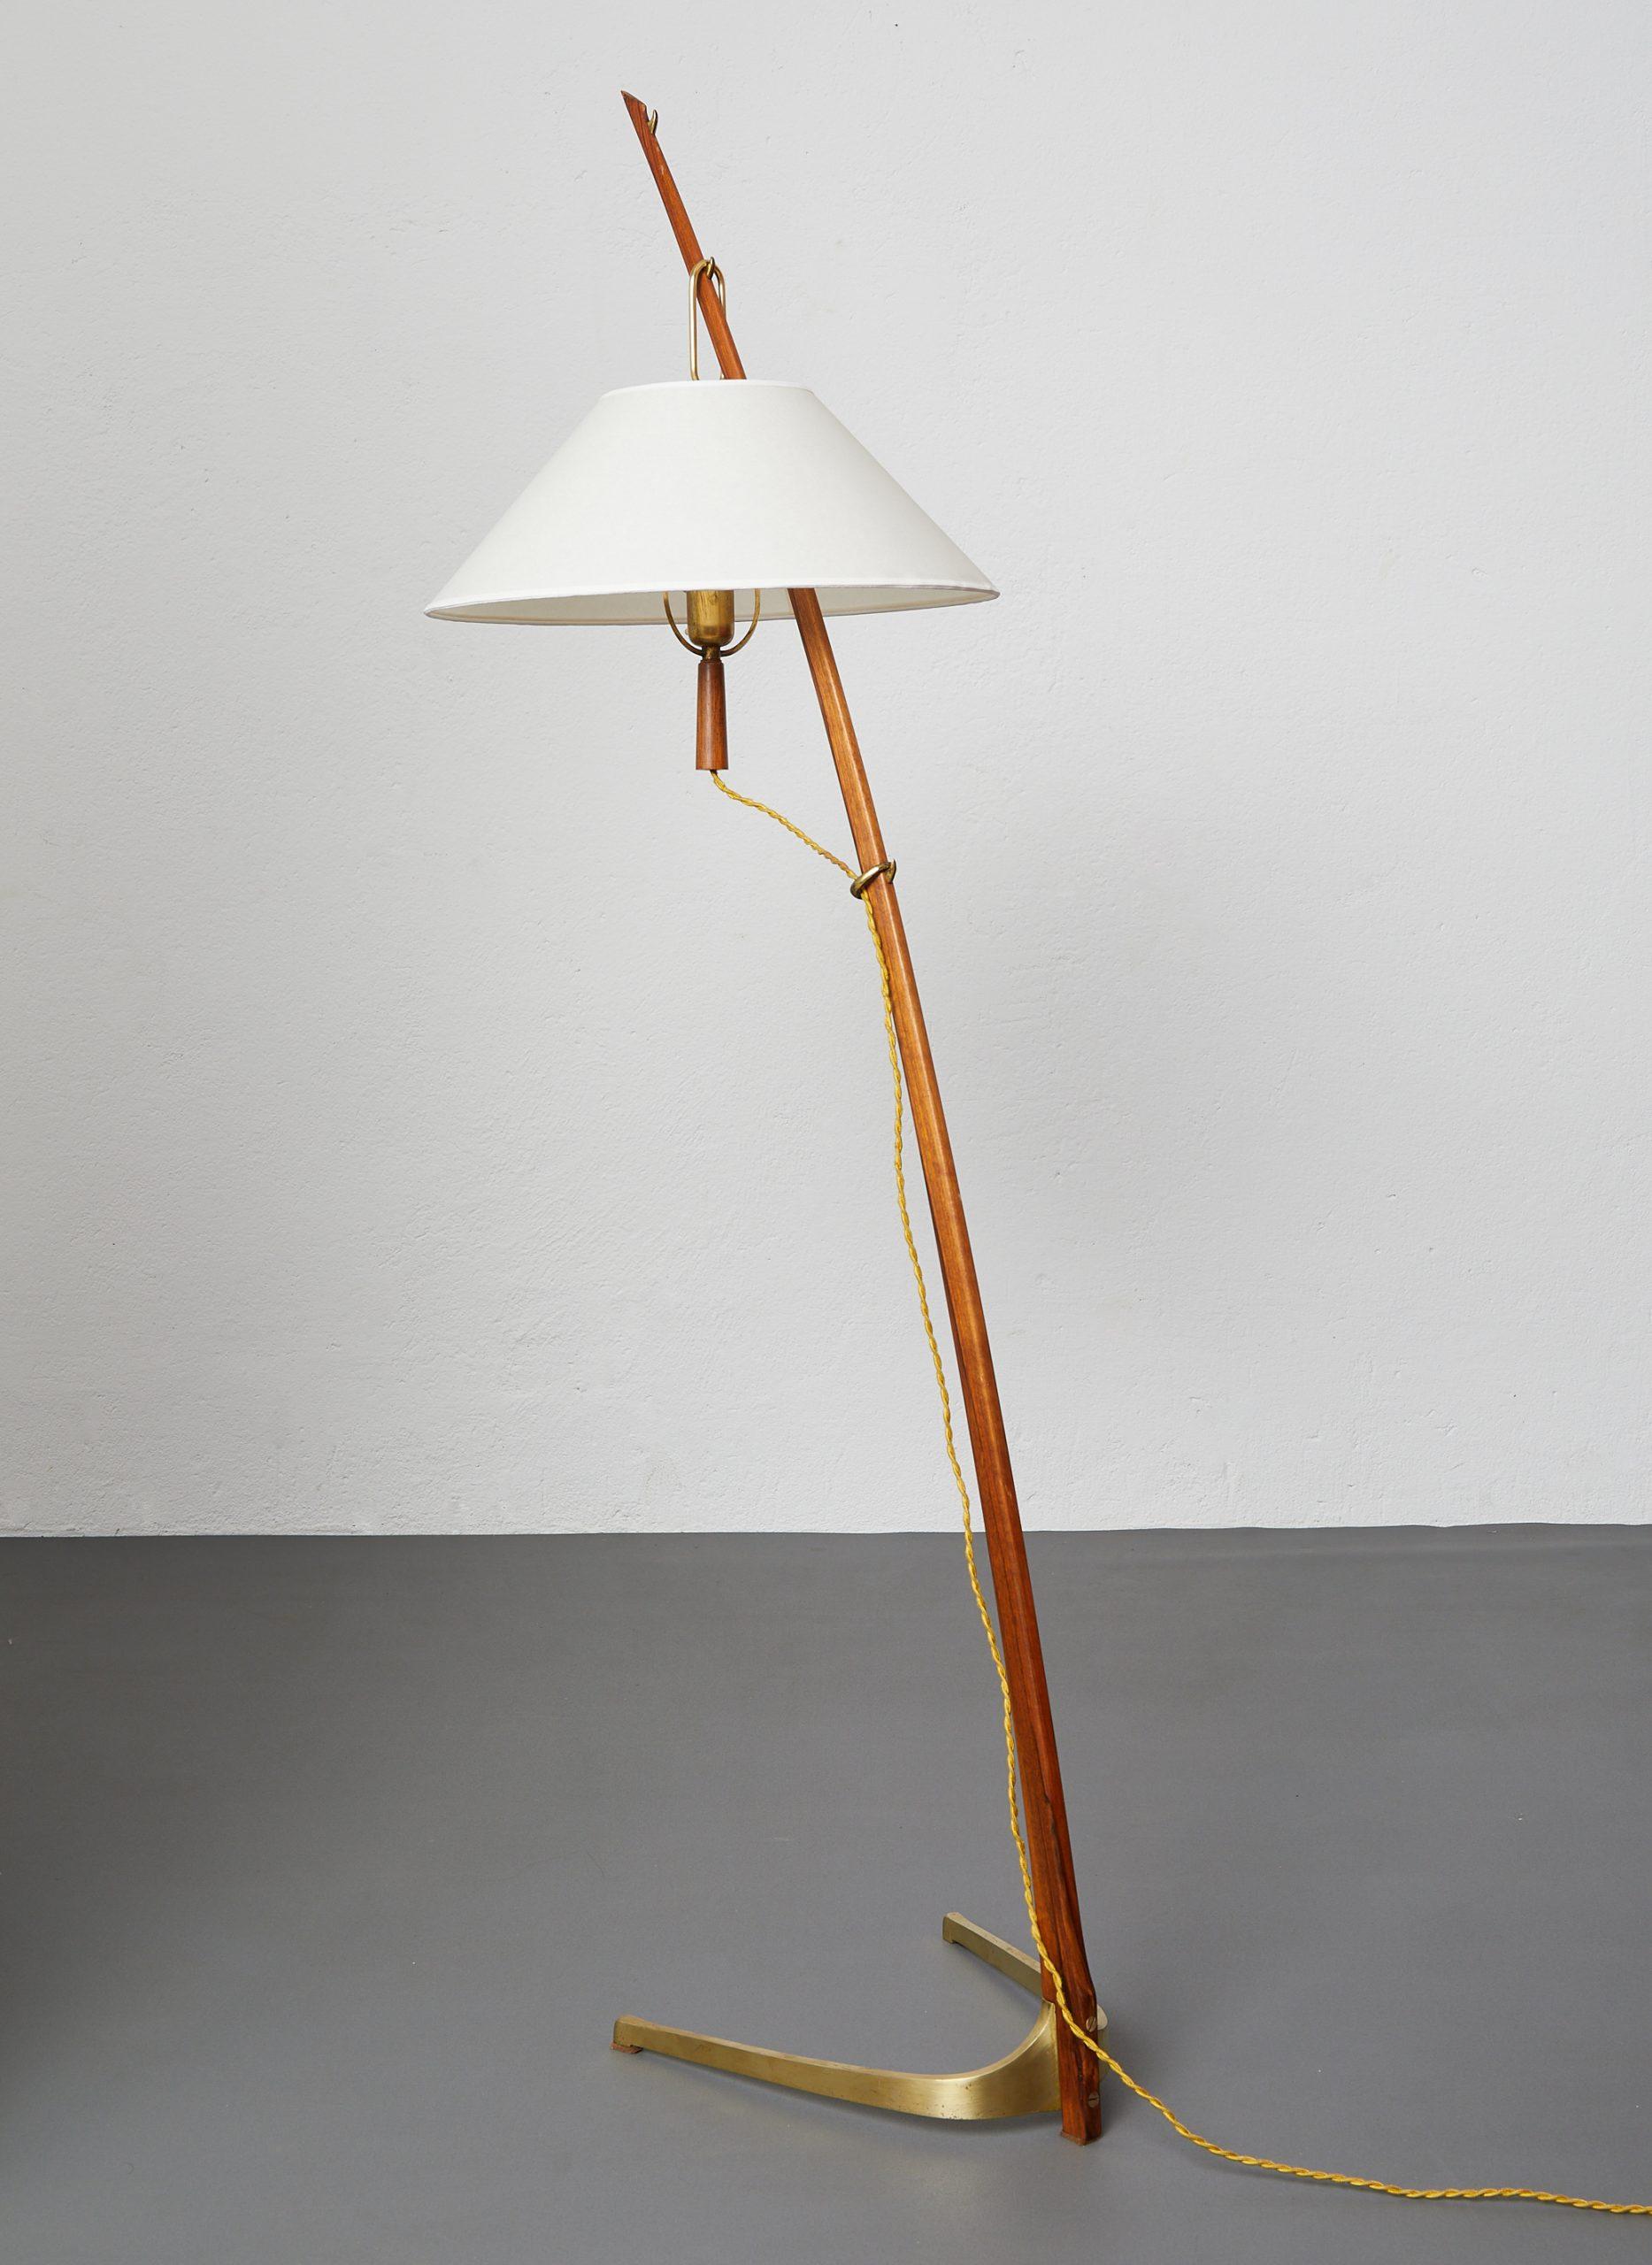 model-2076-ordornstab-floor-lamp-in-teak-and-brass-by-j-t-kalmar-1950-image-01